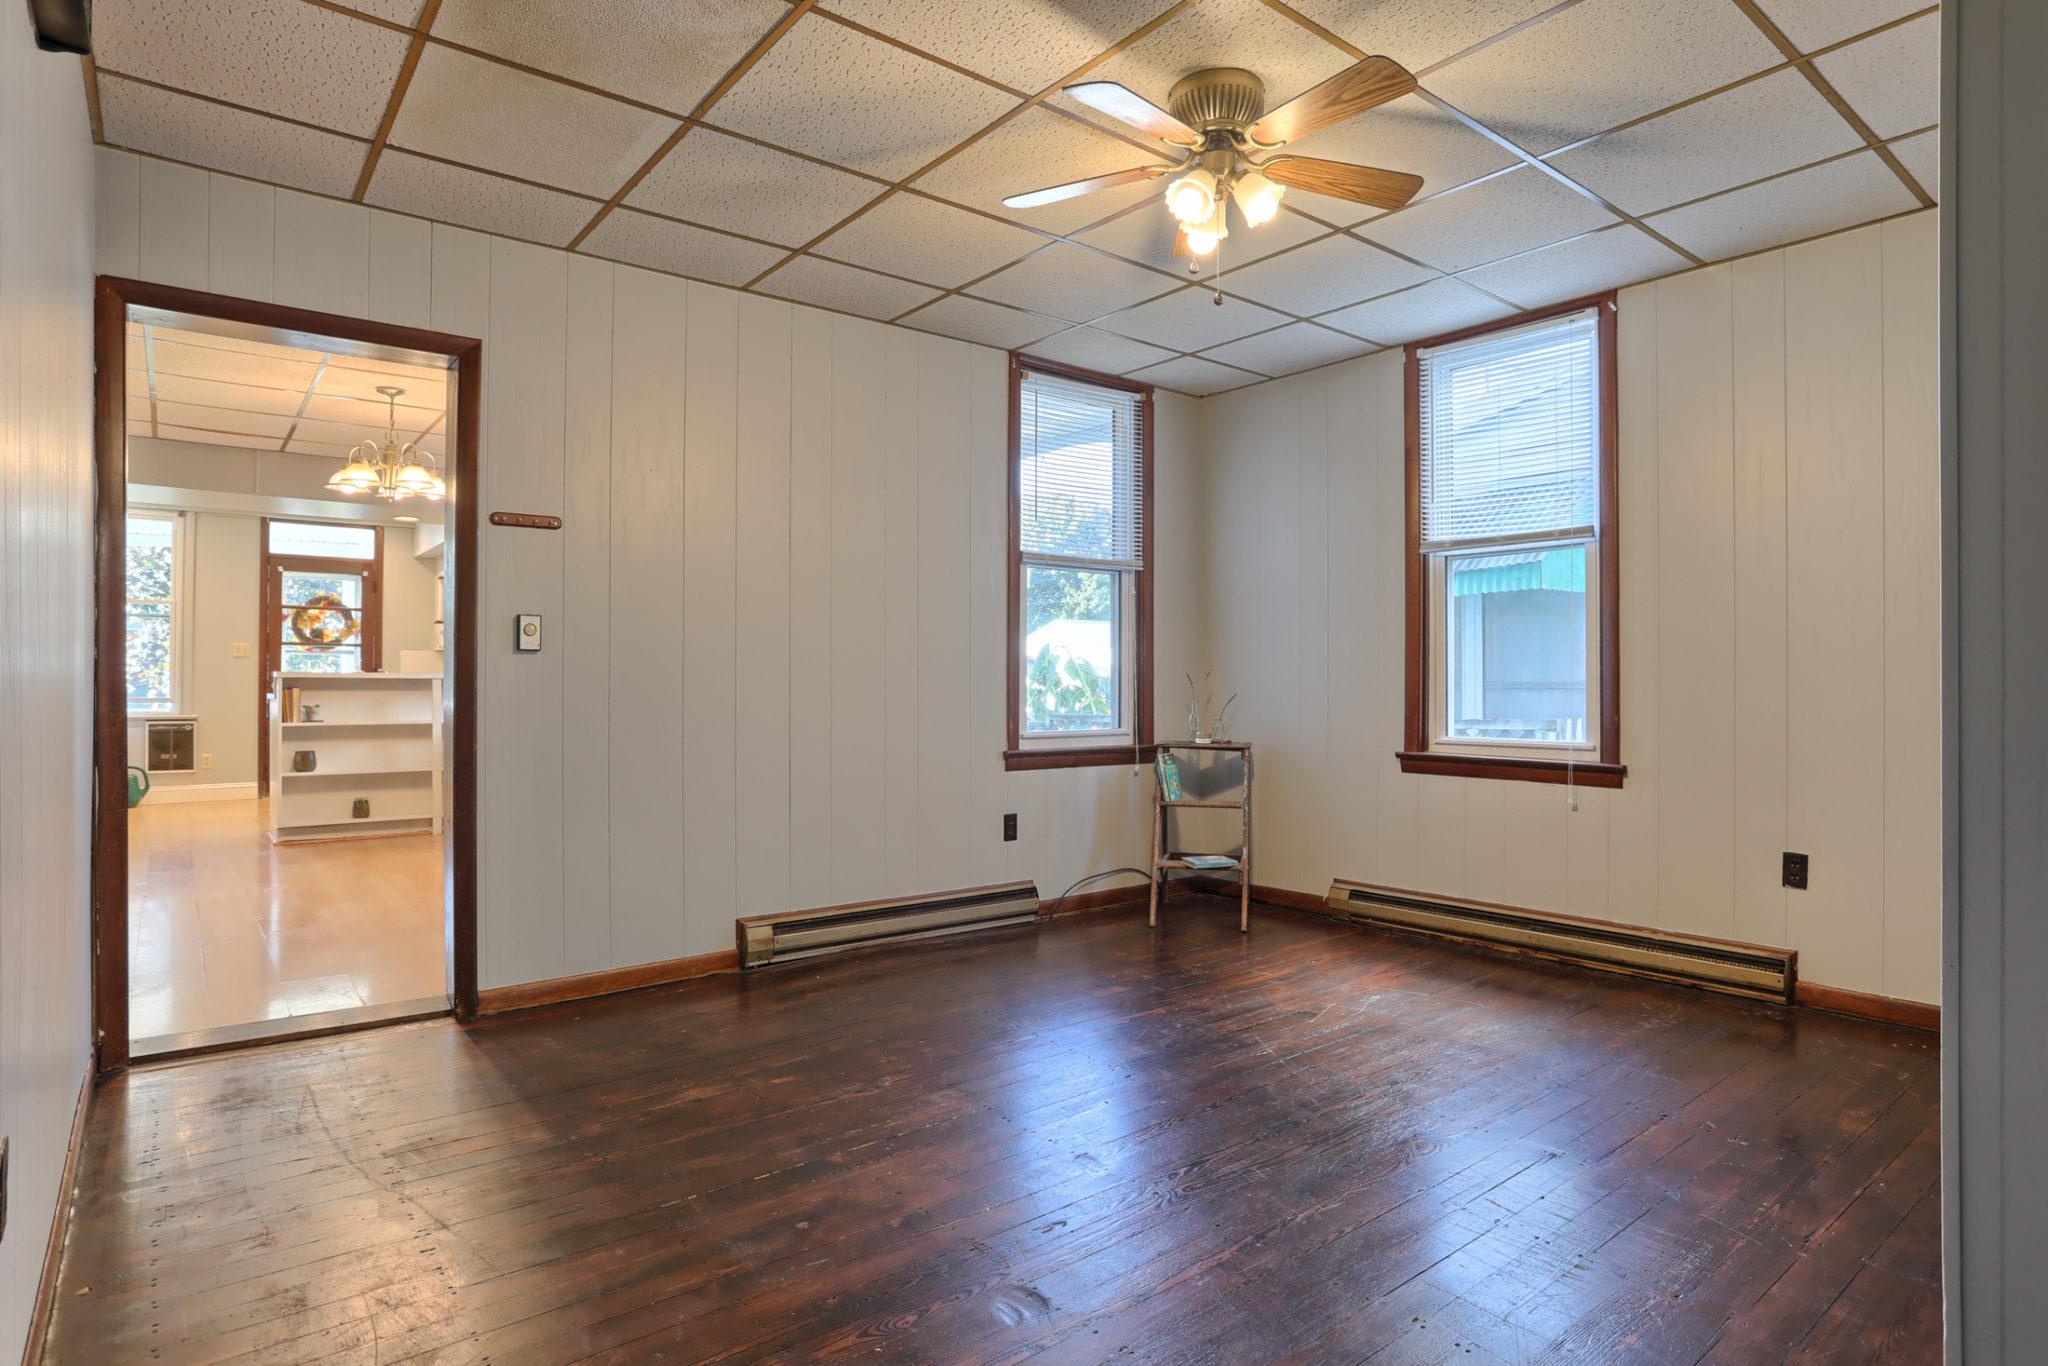 12 E. Maple Avenue - Family Room